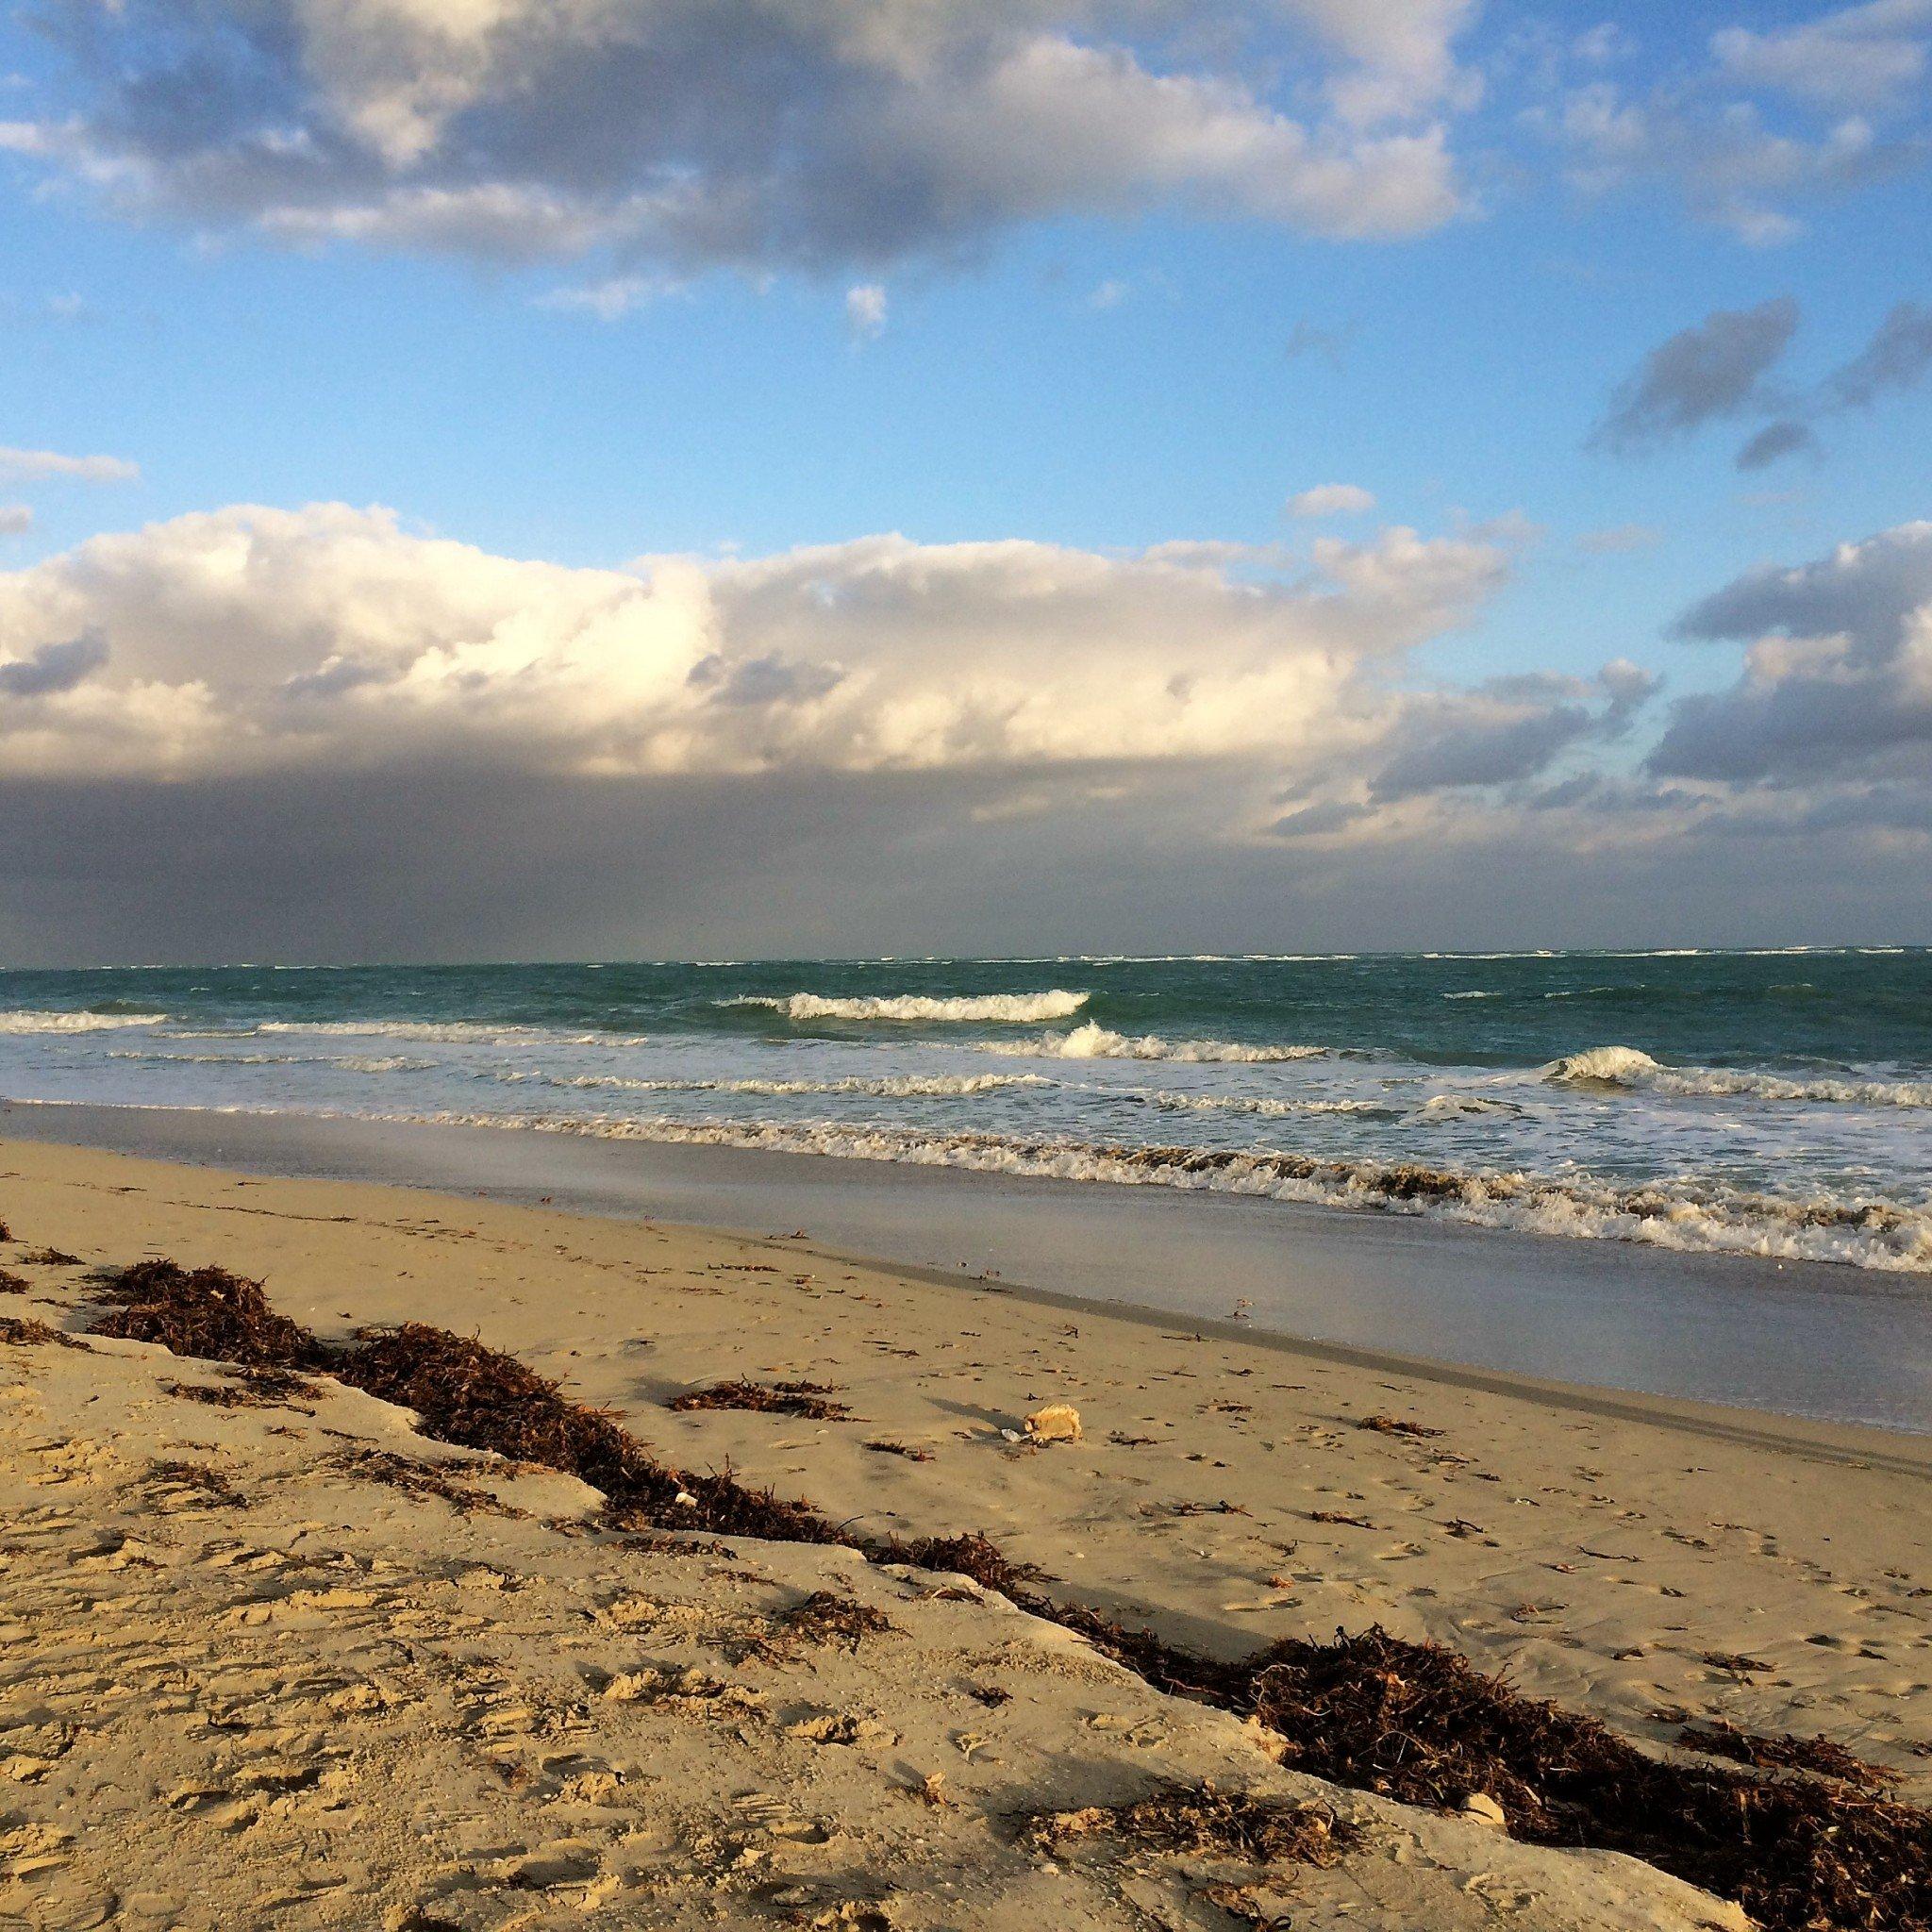 Meren rannalla Varaderossa